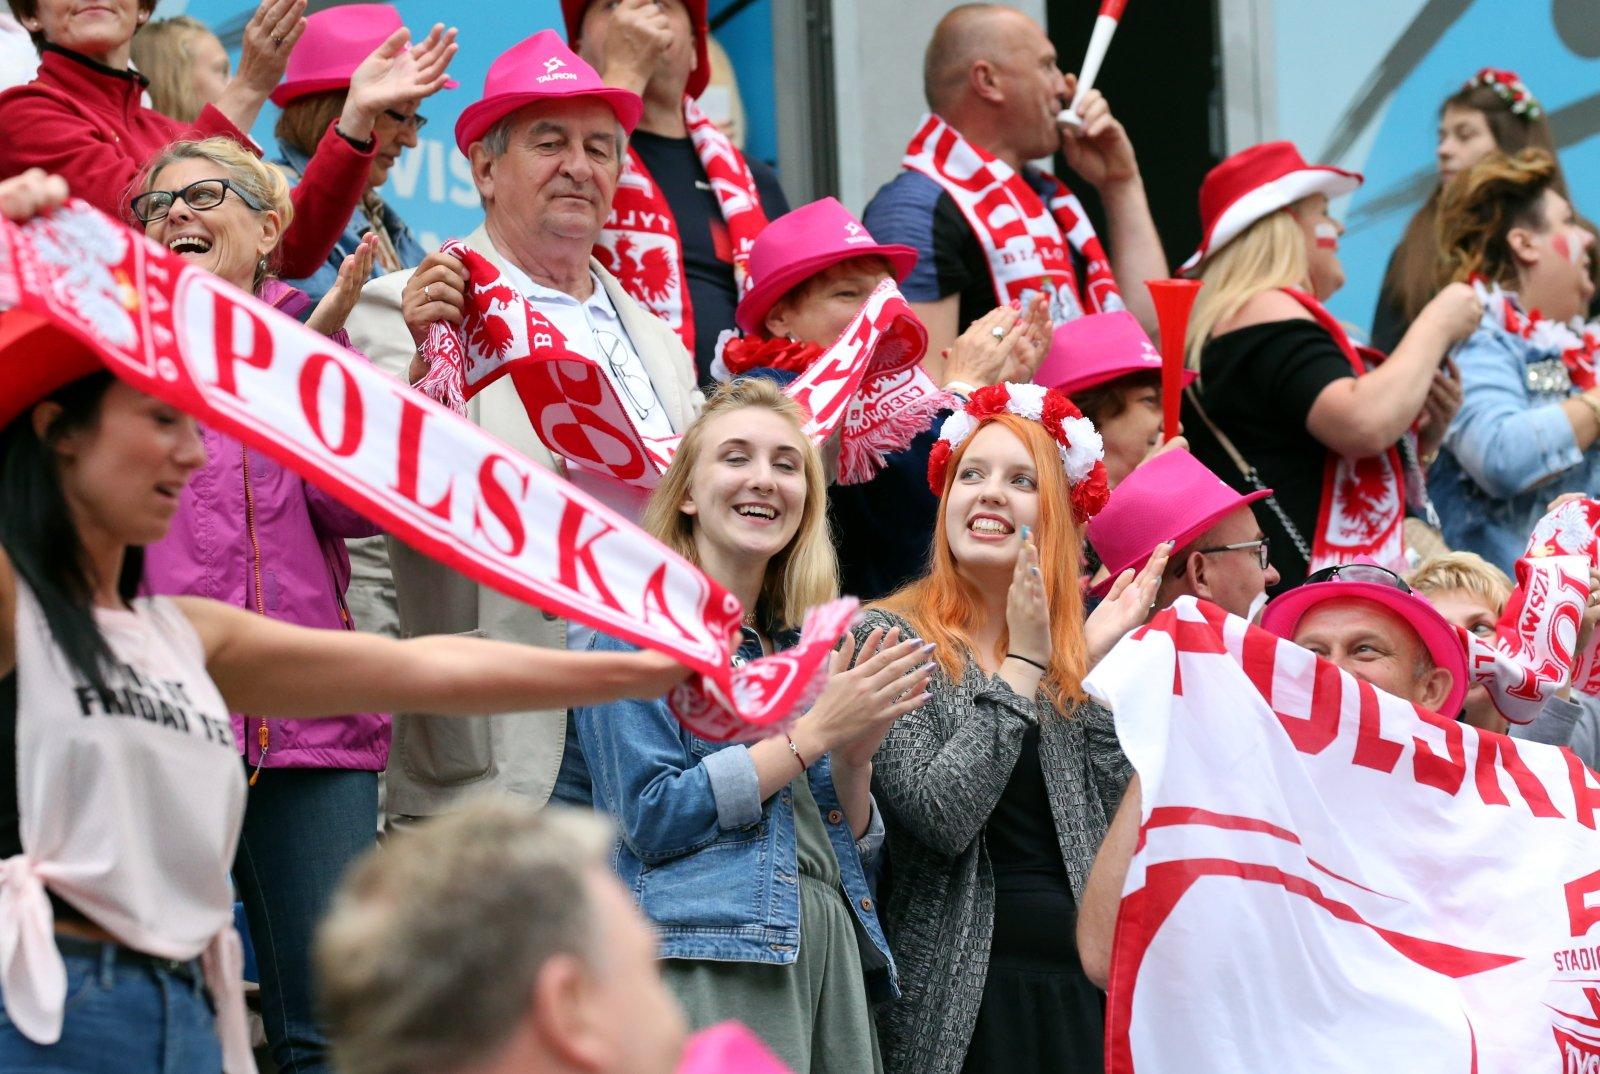 Polscy kibice na Grand Prix w Wiśle. fot. PAP/Grzegorz Momot